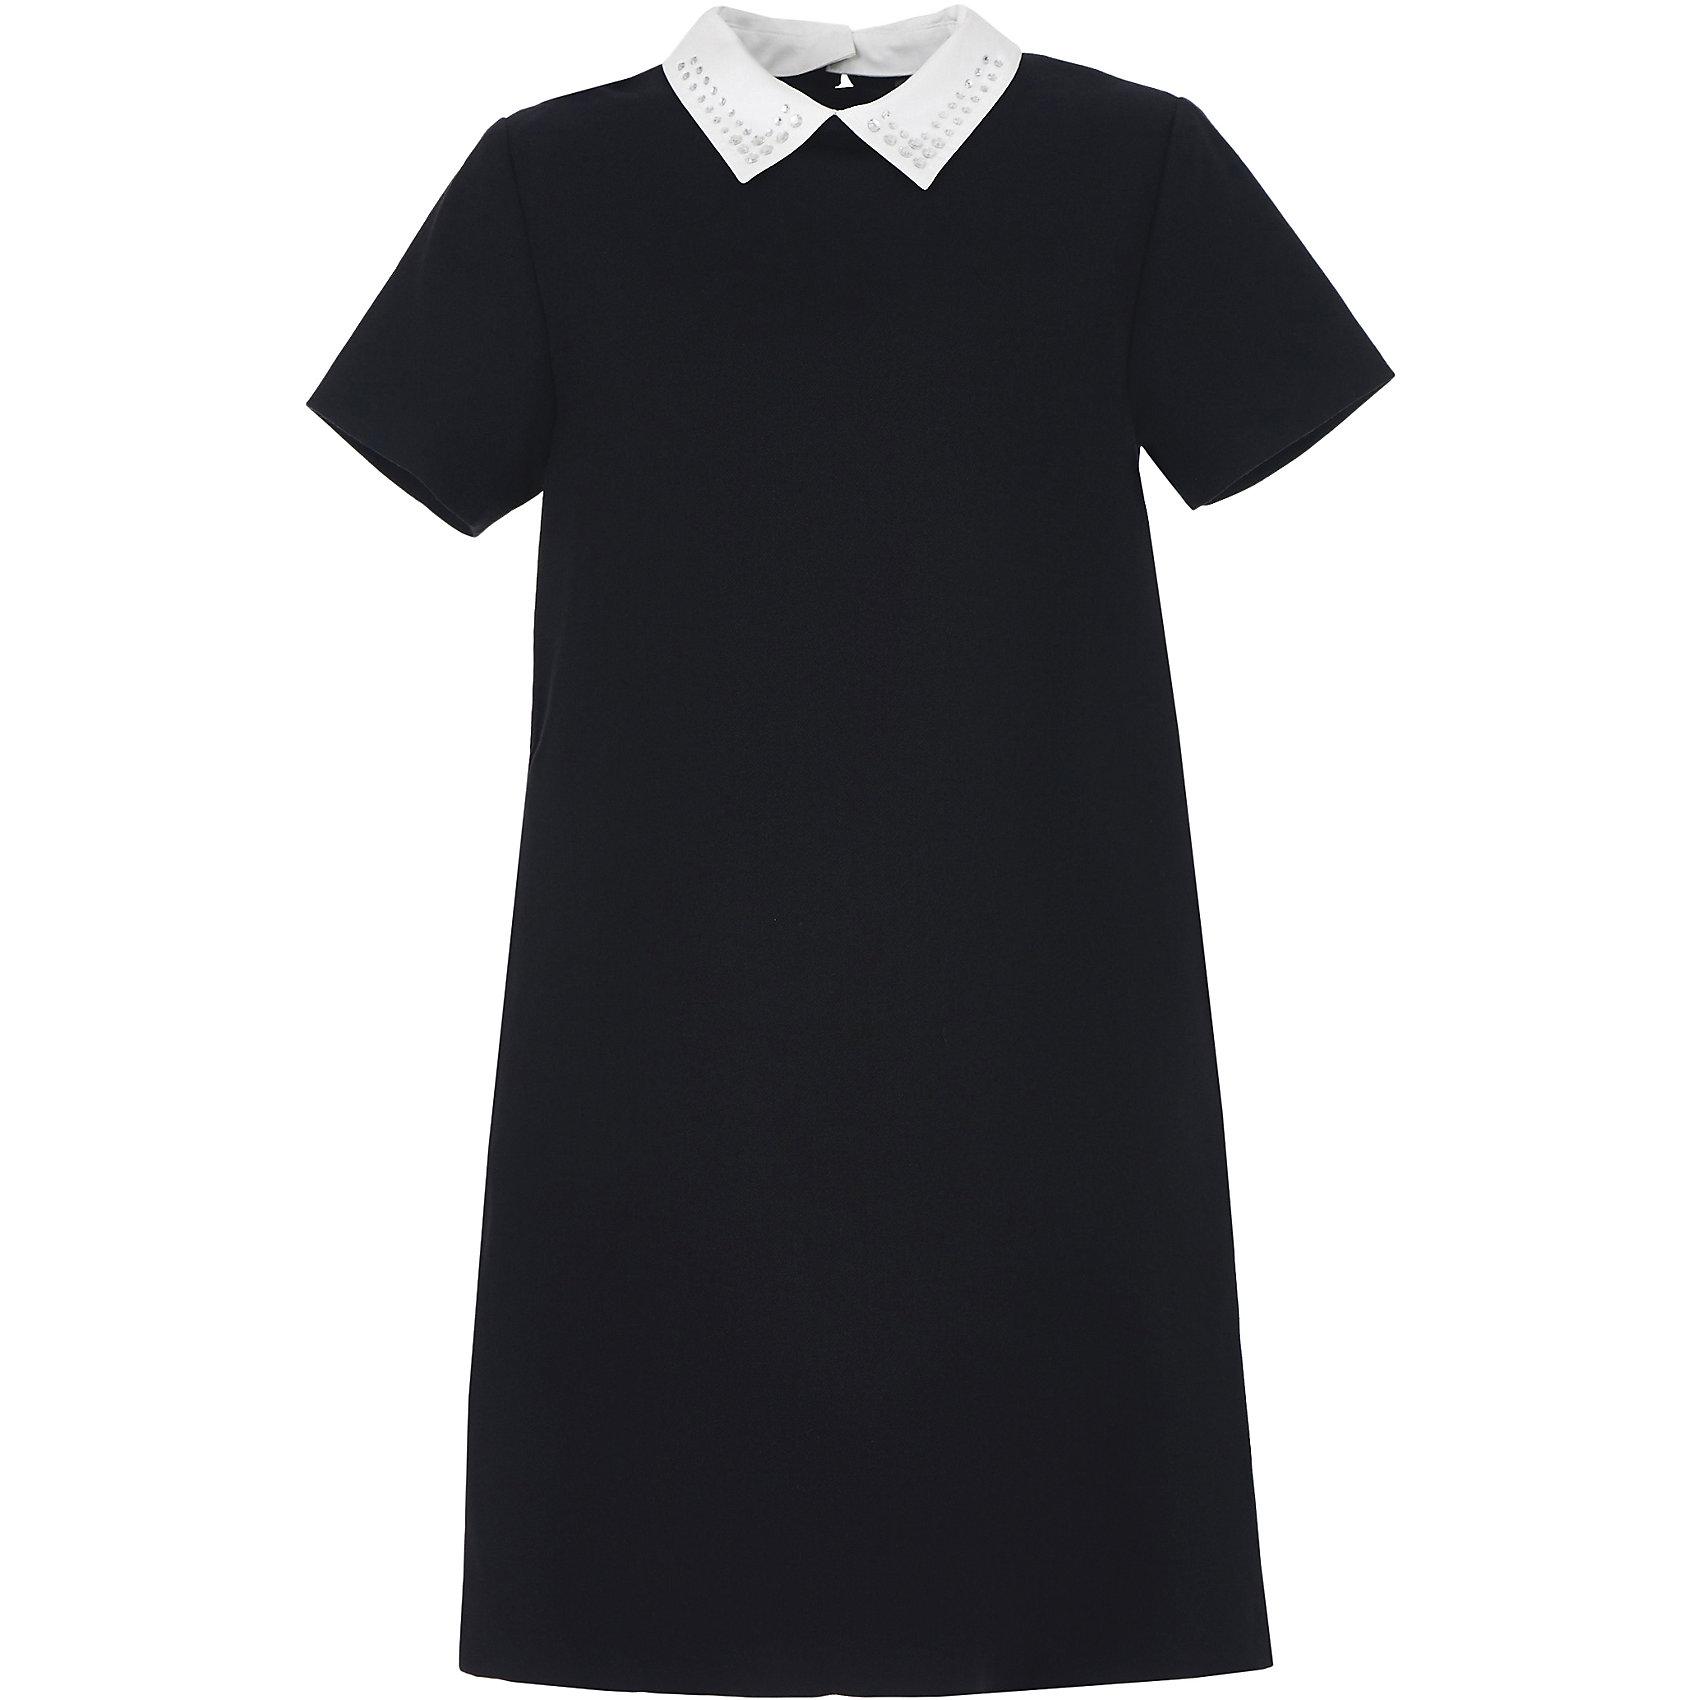 Платье для девочки GulliverПлатья и сарафаны<br>Характеристики товара:<br><br>• цвет: черный<br>• состав: 58% полиэстер, 31% вискоза, 10% шерсть, 1% эластан<br>• подкладка: 52% полиэстер, 48% вискоза <br>• застежка: молния<br>• с коротким рукавом<br>• отстегивающийся воротник со стразами<br>• карманы в боковых швах<br>• трапециевидный силуэт<br>• особенности: школьное, строгое<br>• страна бренда: Российская Федерация<br>• страна производства: Российская Федерация<br><br>Школьное платье с коротким рукавом для девочки. Строго черное платье застгивается на молни на спине. Два кармана в боковых швах. Платье декорировано съемным белым воротничком со стразами. <br><br>Платье для девочки Gulliver (Гулливер) можно купить в нашем интернет-магазине.<br><br>Ширина мм: 236<br>Глубина мм: 16<br>Высота мм: 184<br>Вес г: 177<br>Цвет: черный<br>Возраст от месяцев: 132<br>Возраст до месяцев: 144<br>Пол: Женский<br>Возраст: Детский<br>Размер: 152,158,164,170,122,128,134,140,146<br>SKU: 6678816